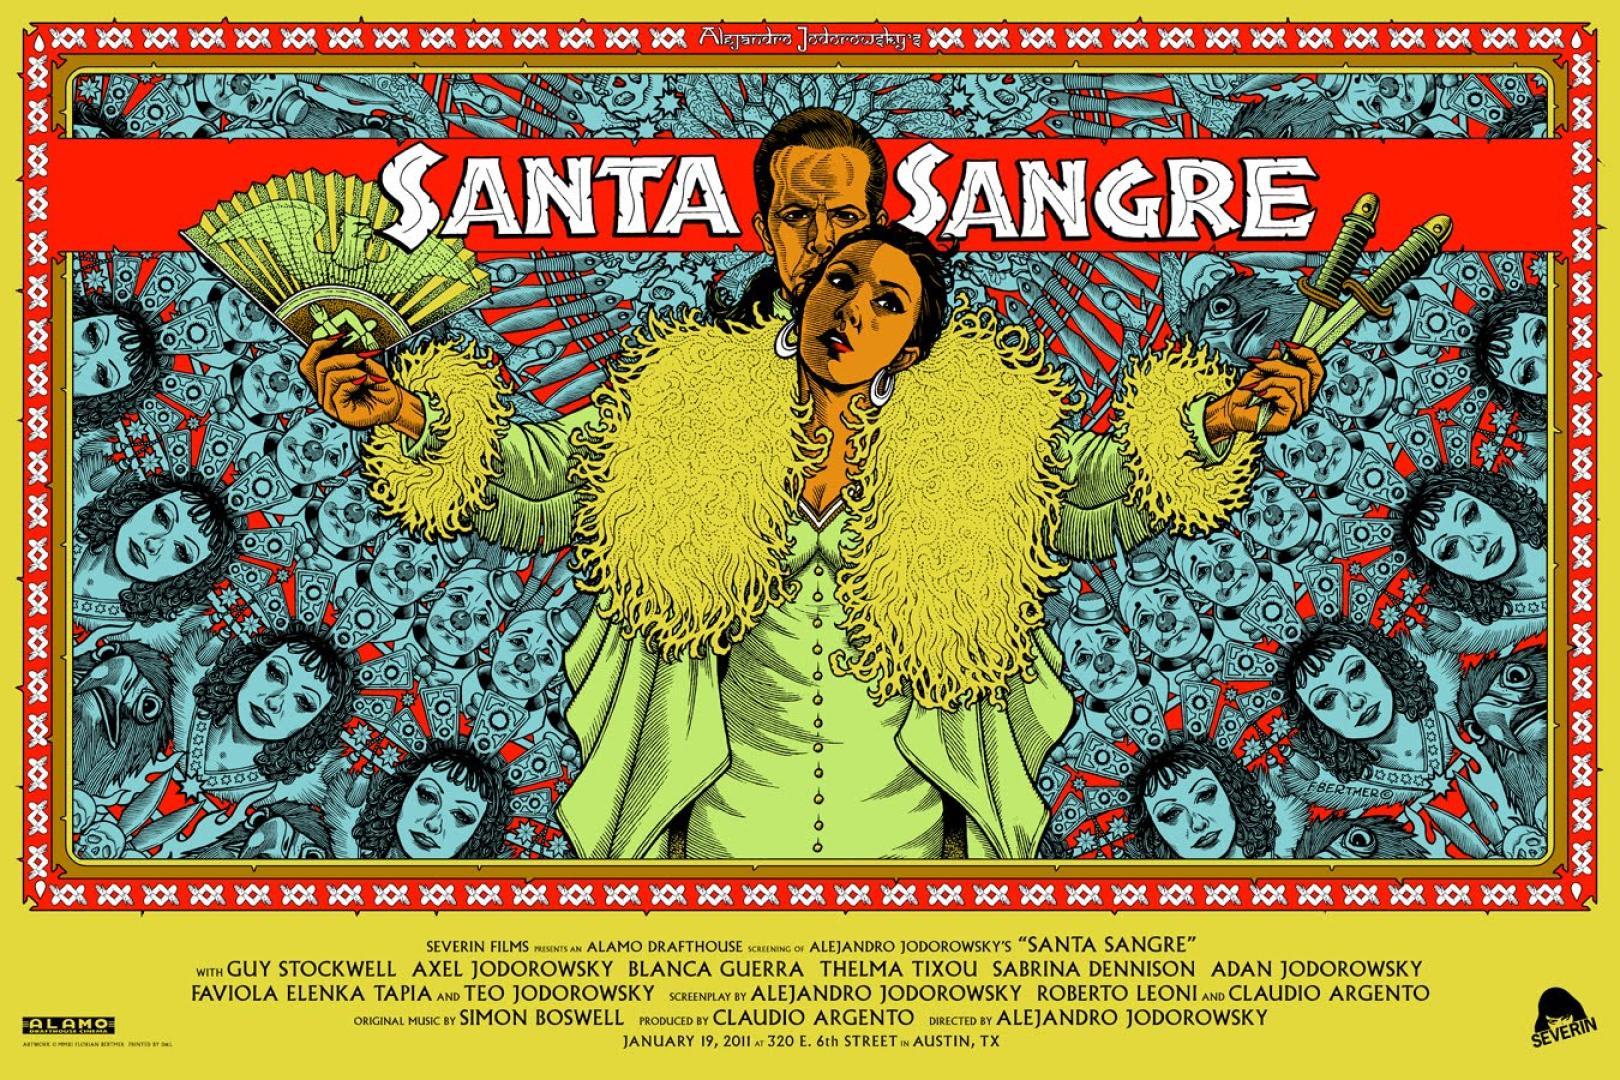 Santa Sangre – Szent vér (1989)